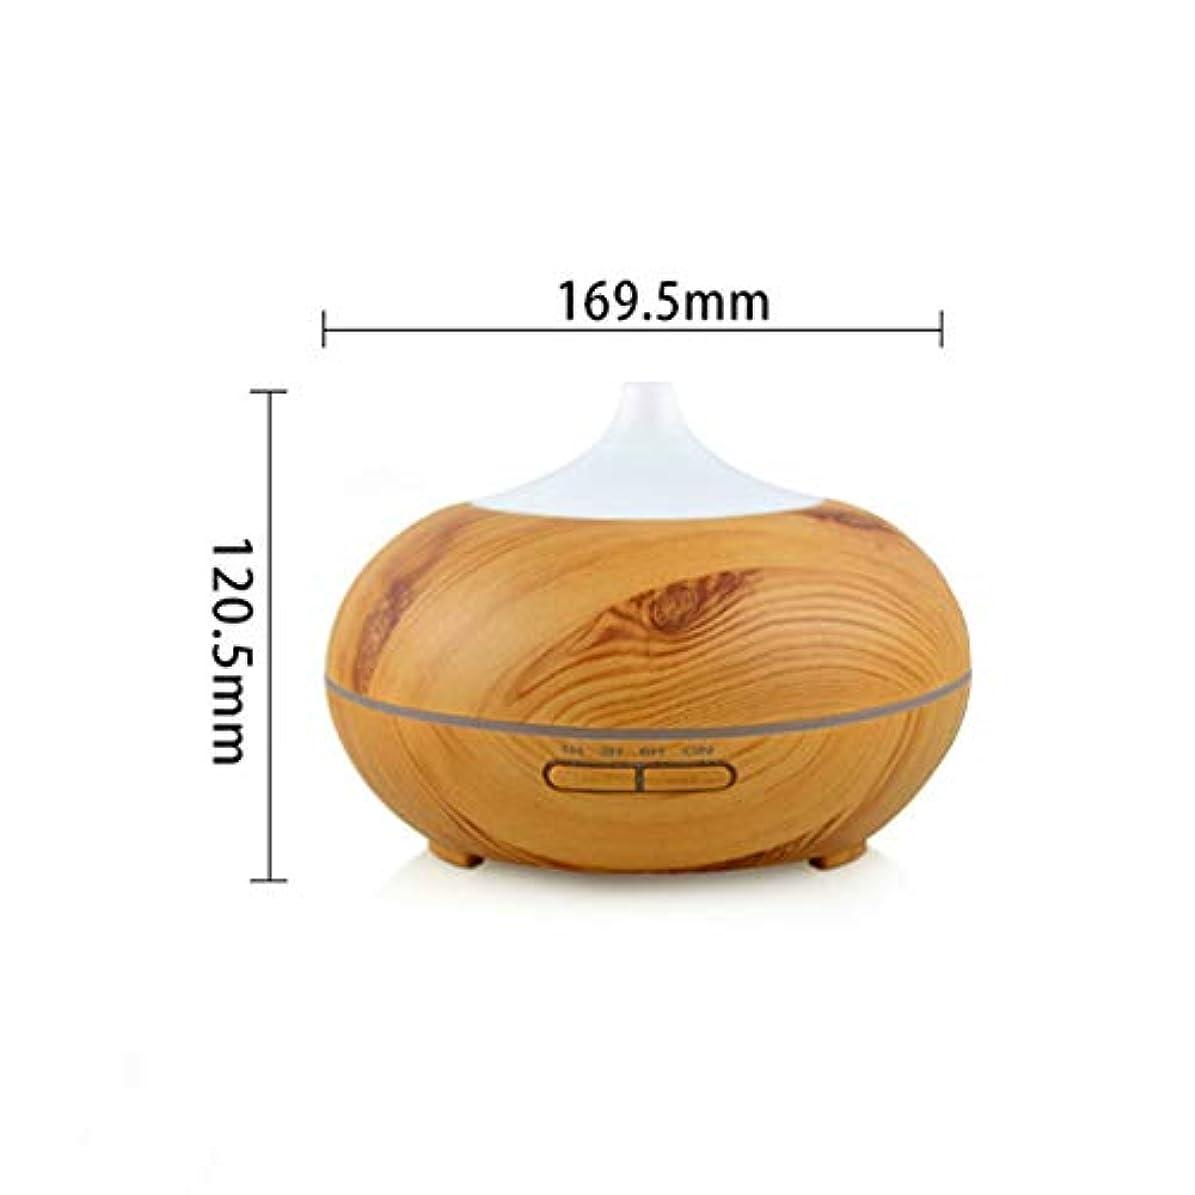 マダム対応輝く木目 涼しい霧 加湿器,7 色 空気を浄化 加湿機 時間 手動 Wifiアプリコントロール 精油 ディフューザー アロマネブライザー Yoga- 300ml